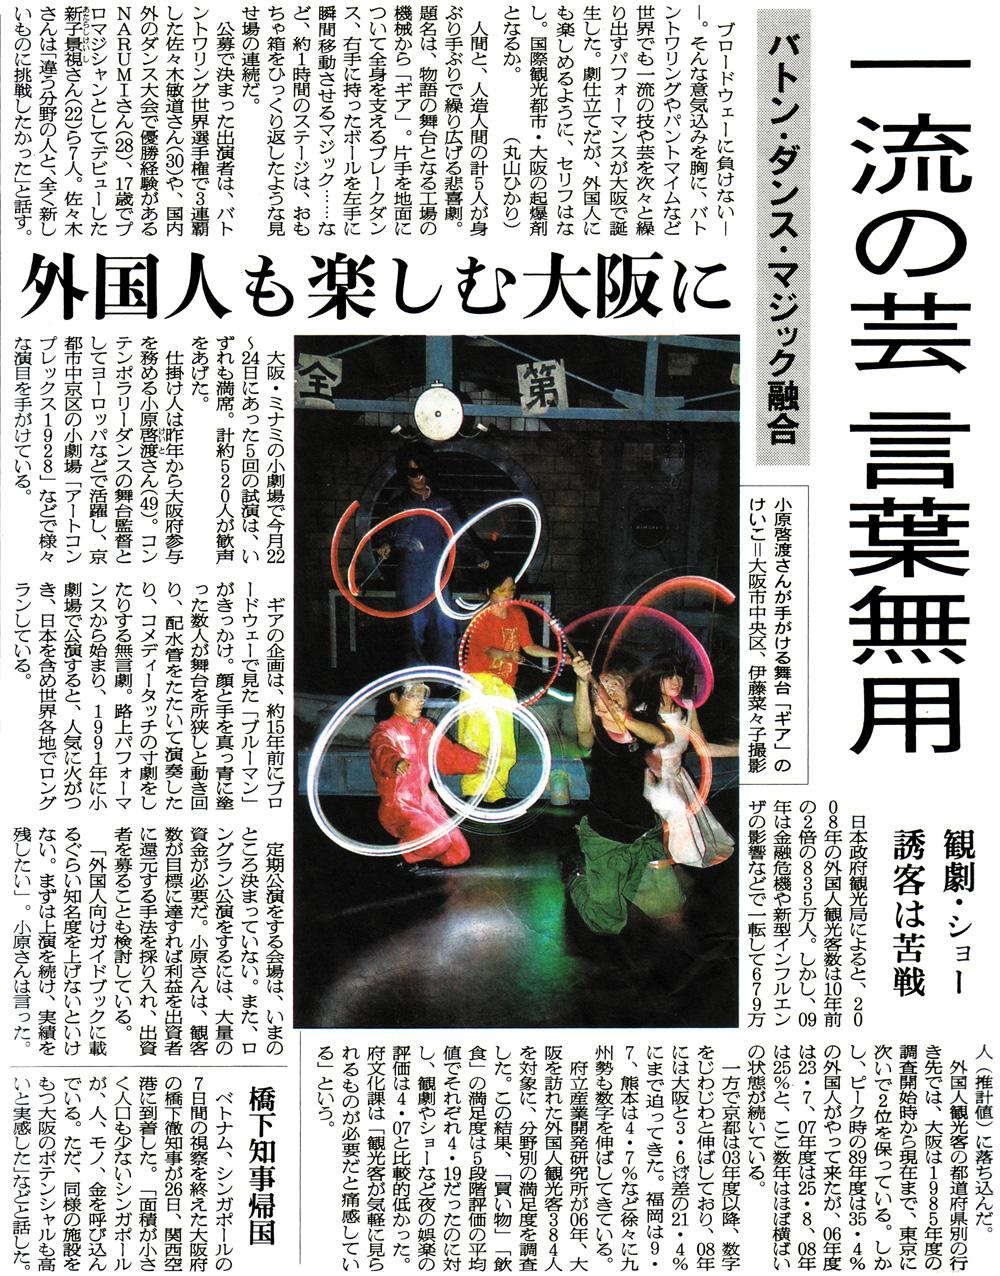 『一流の芸 言葉無用』朝日新聞夕刊 2010年1月26日